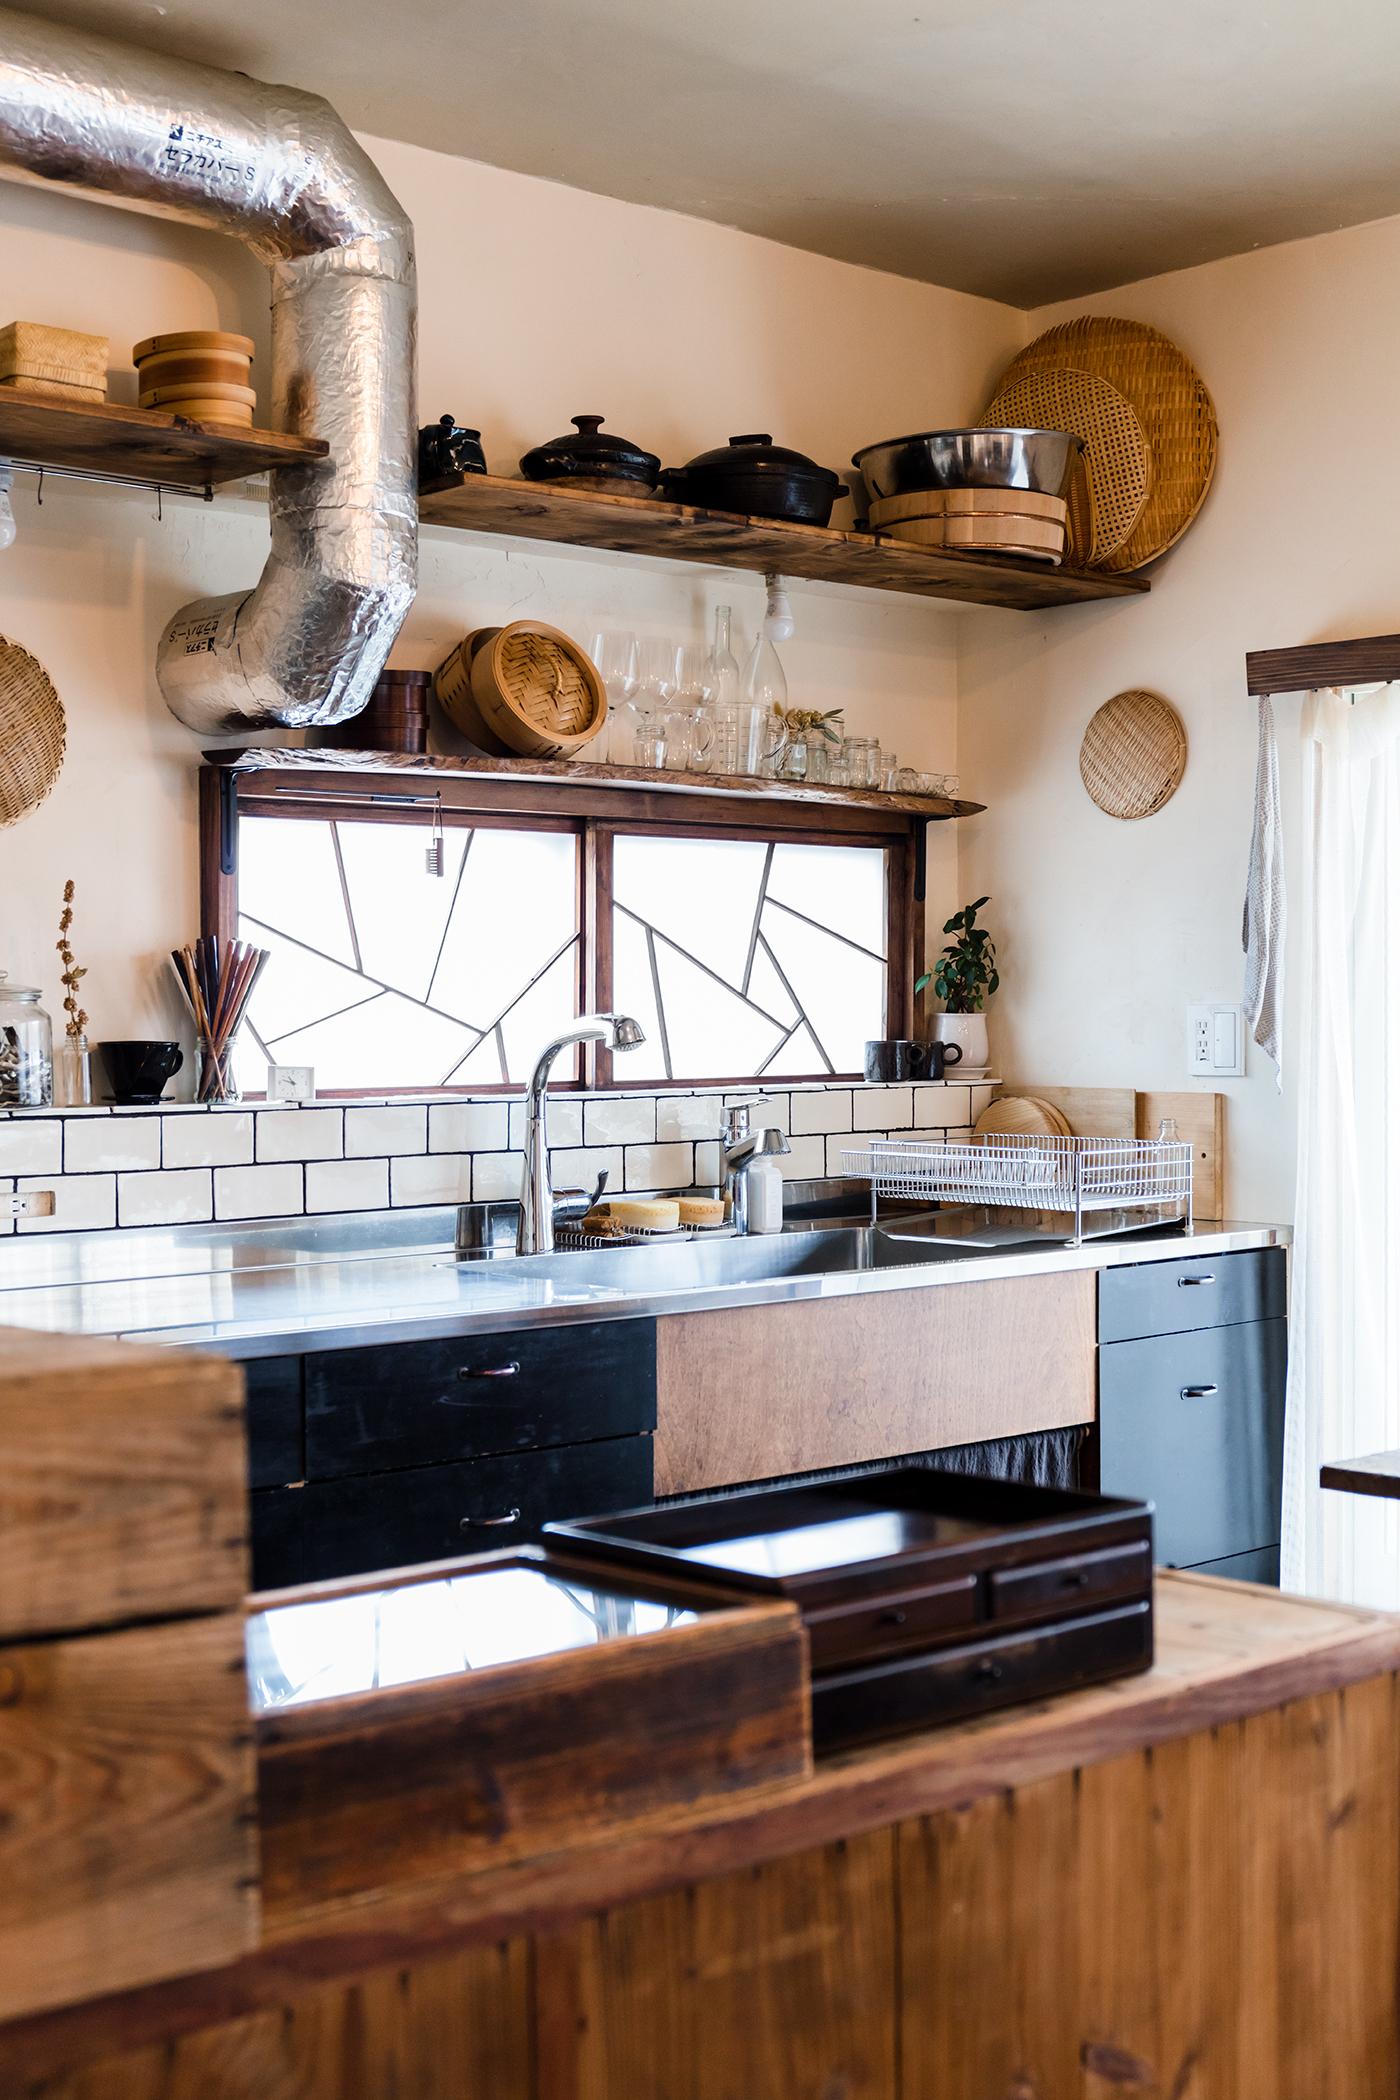 レトロで料理にこだわる人のかわいいキッチン